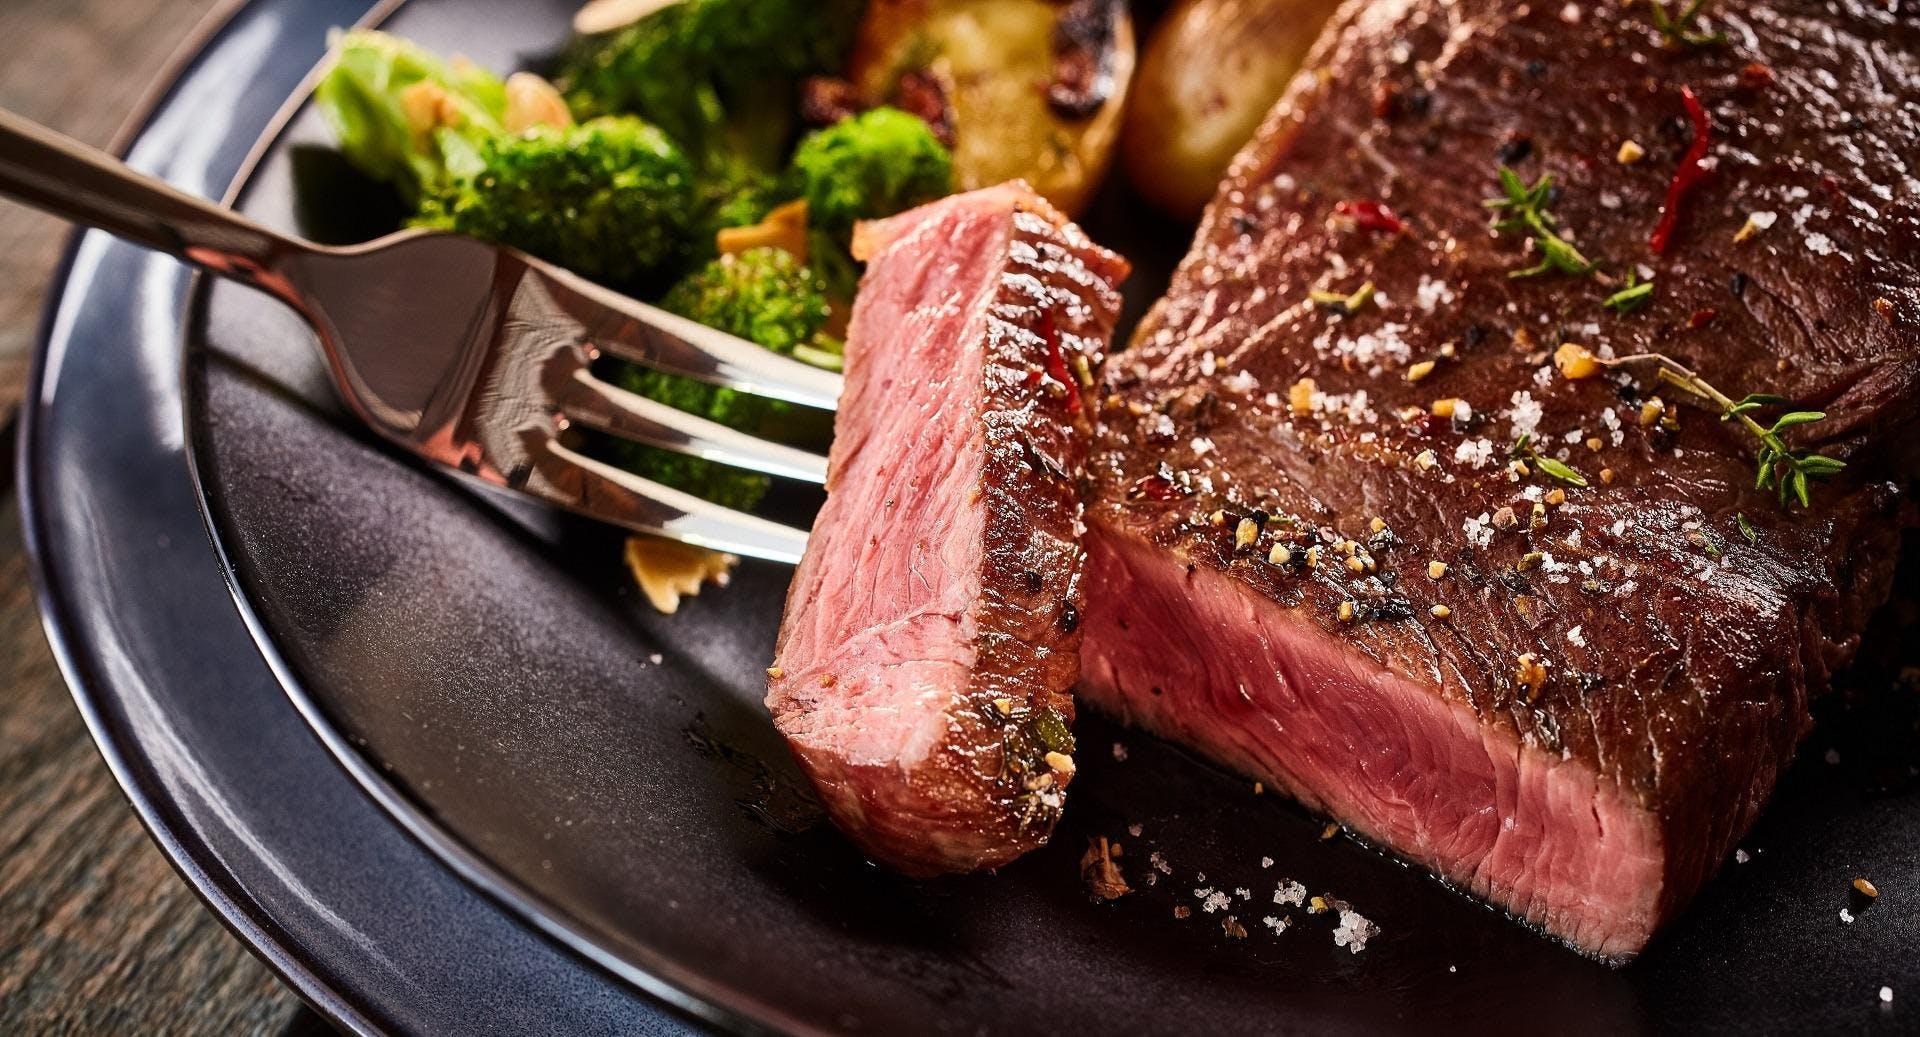 Steaks Aus Aller Welt Cologne image 2